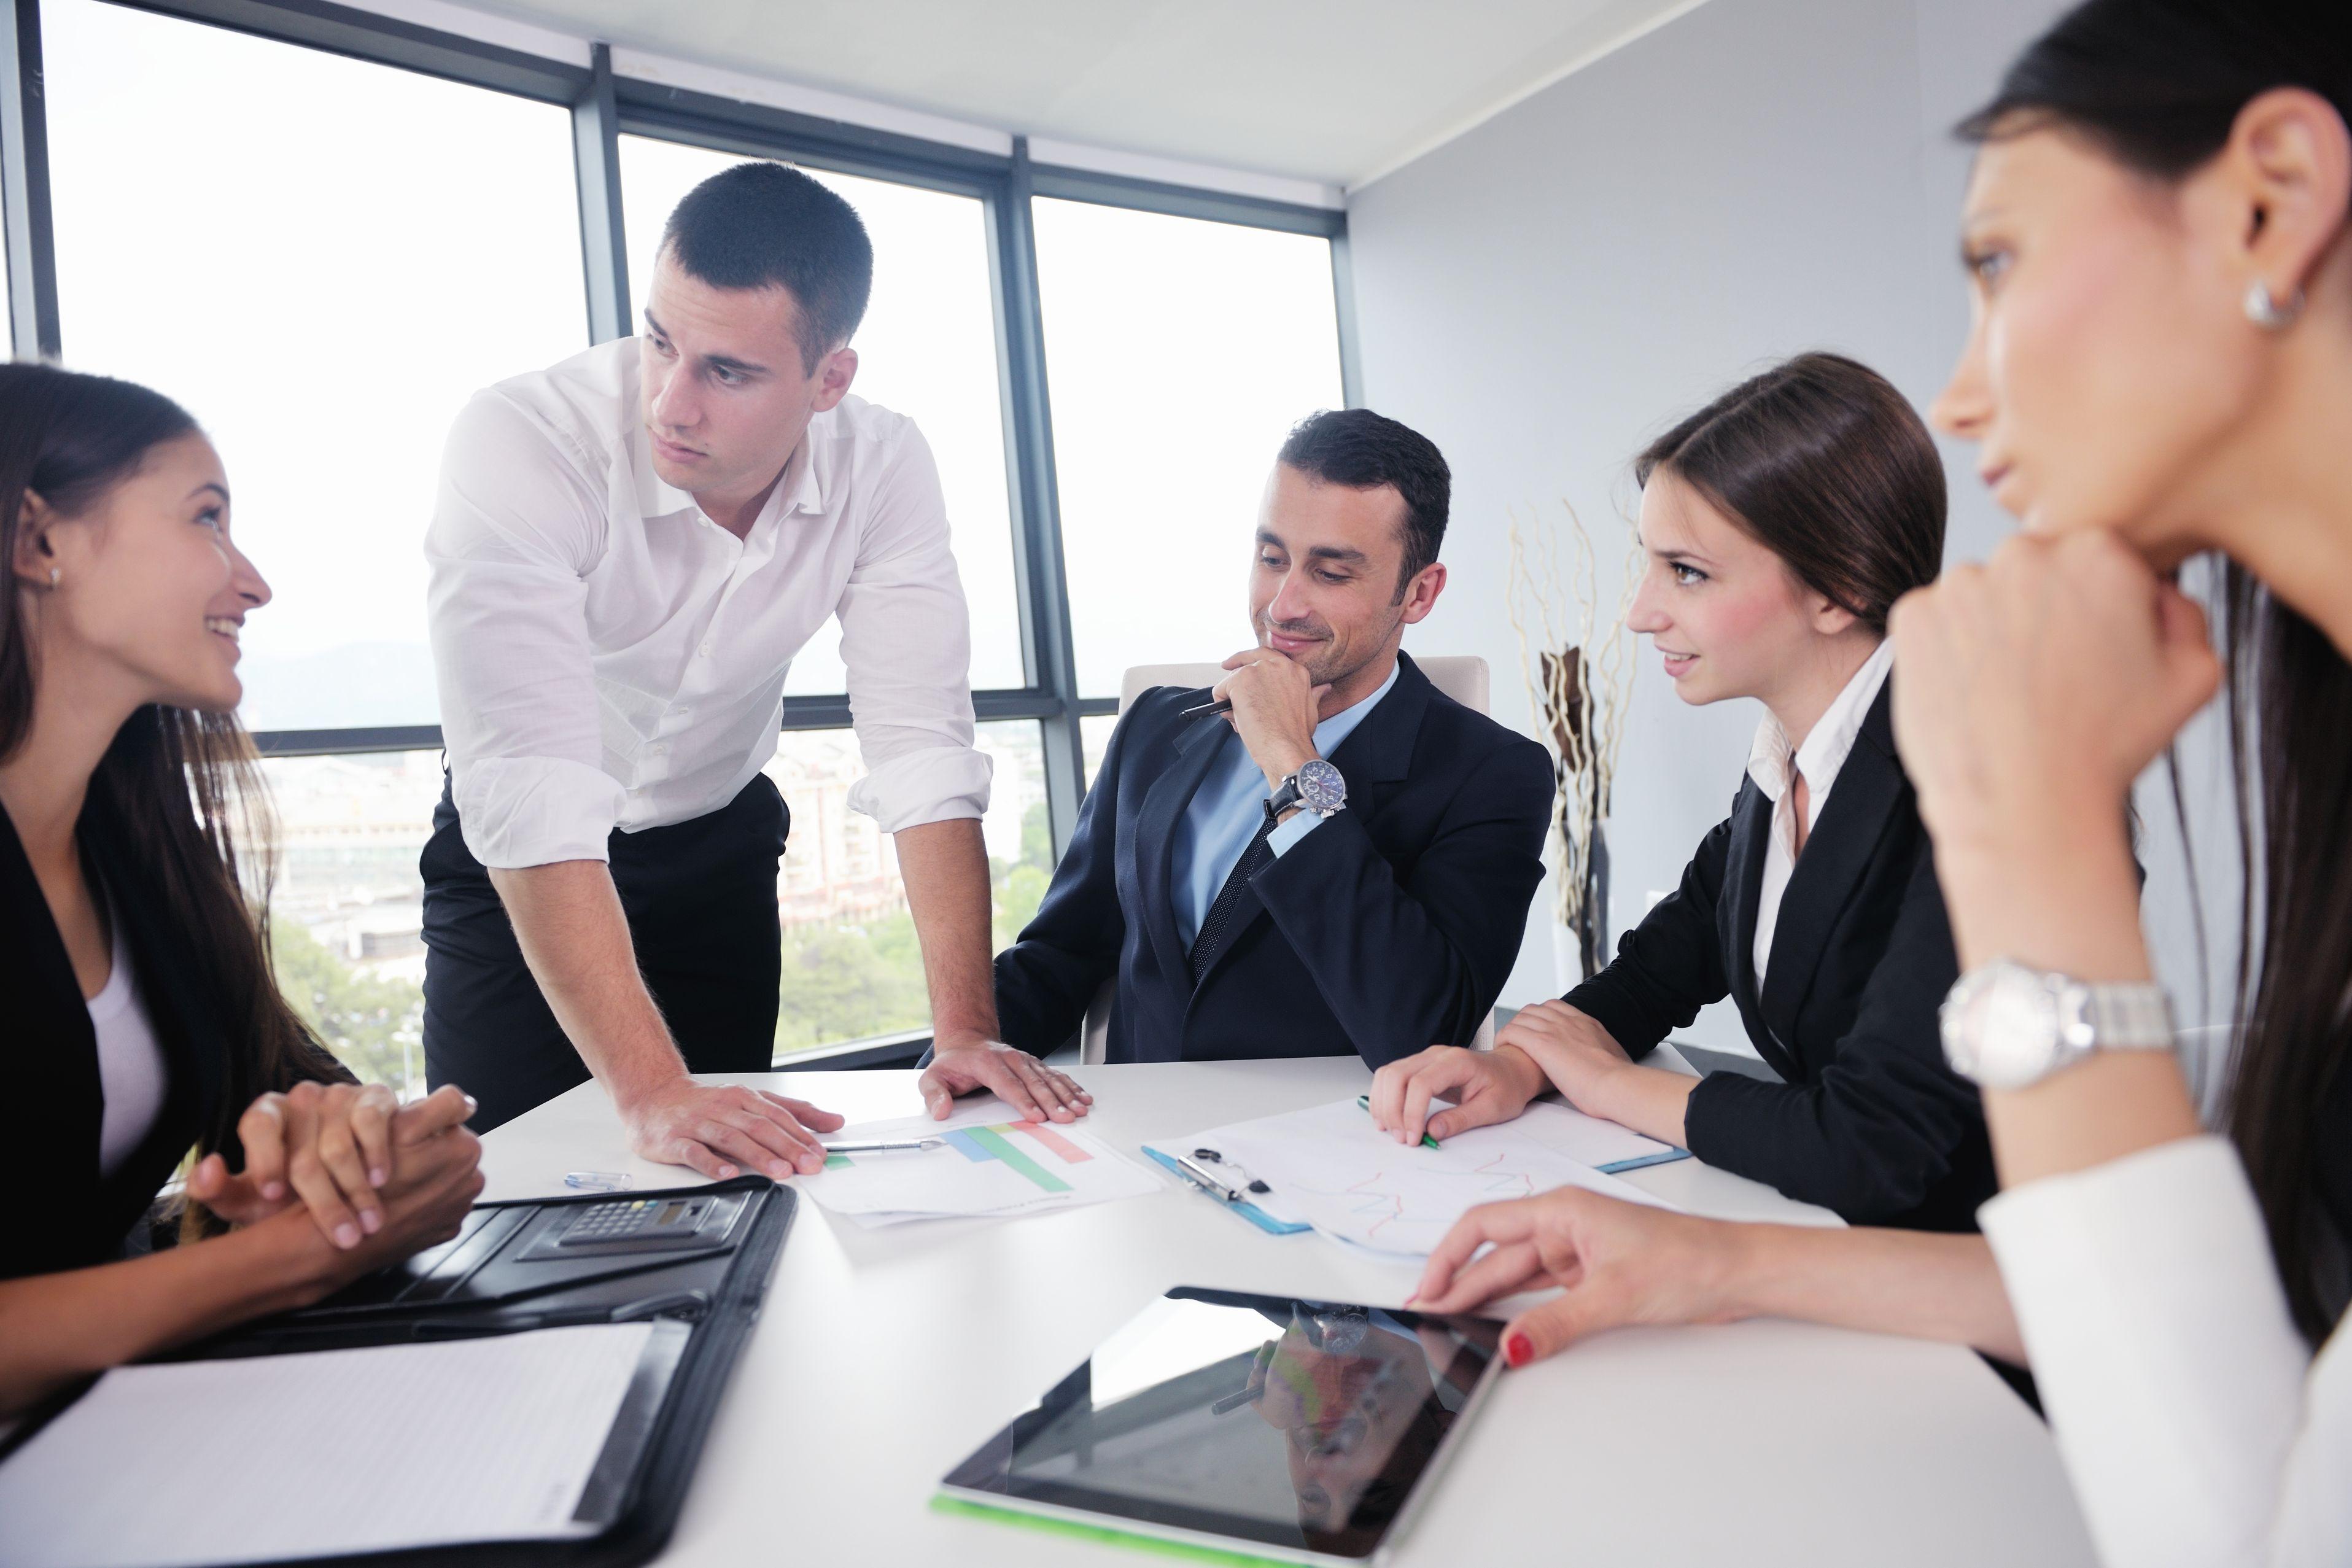 Mai mulți colegi de serviciu stau la o masă și discută.